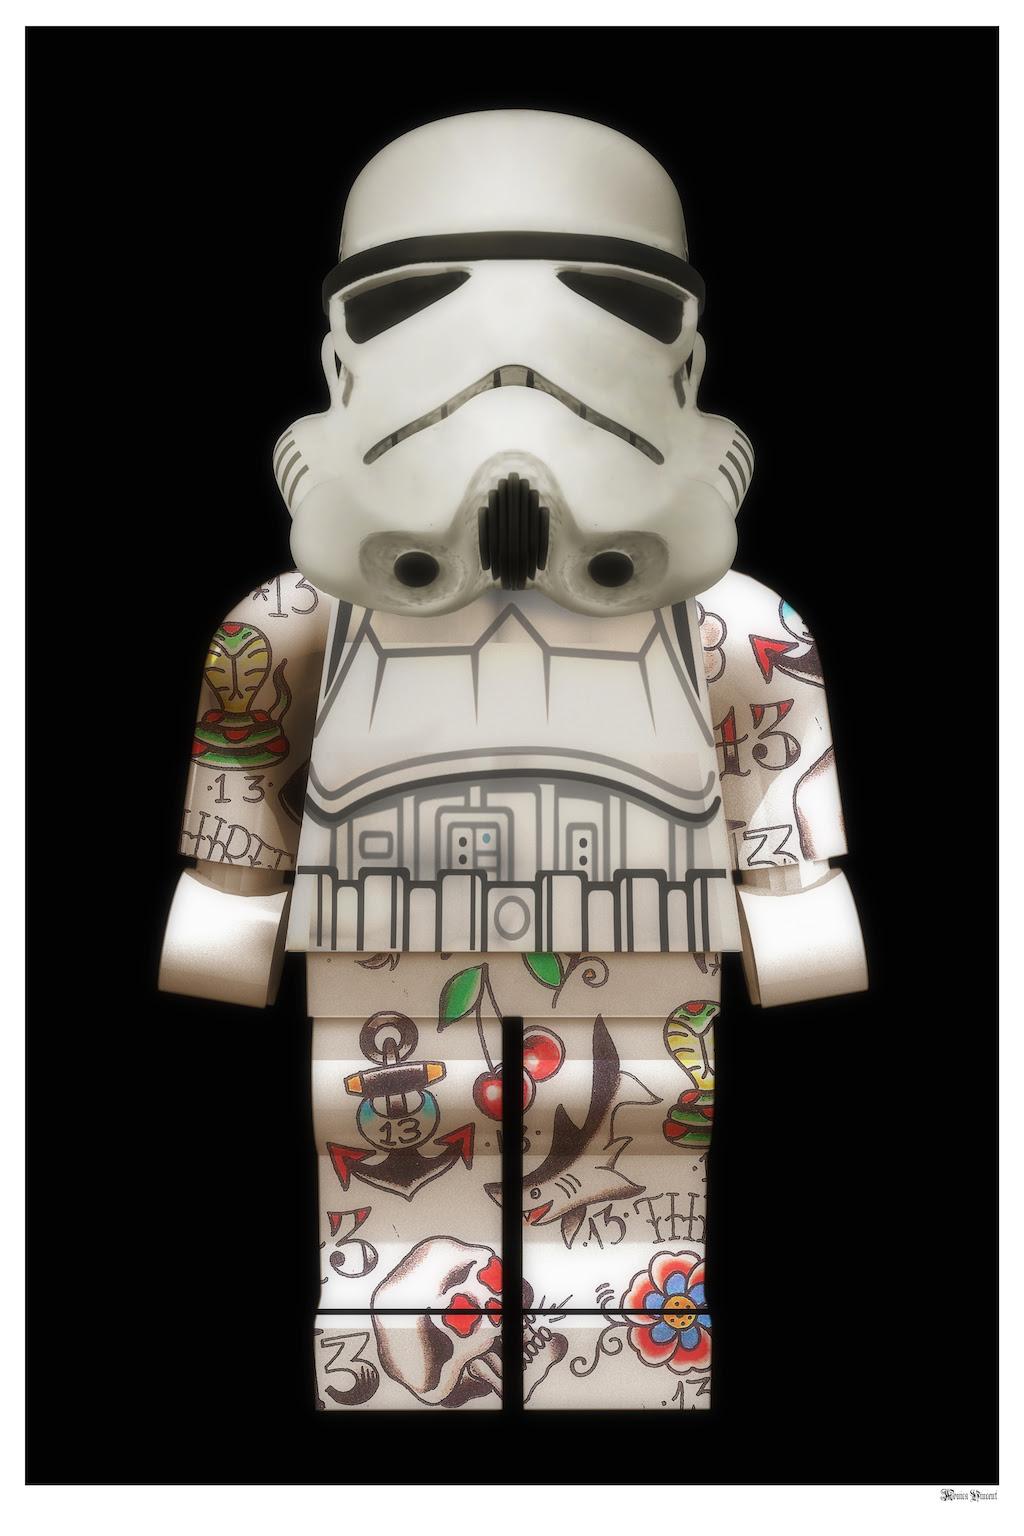 Lego Storm Trooper (Black Background) - Large - Framed by Monica Vincent